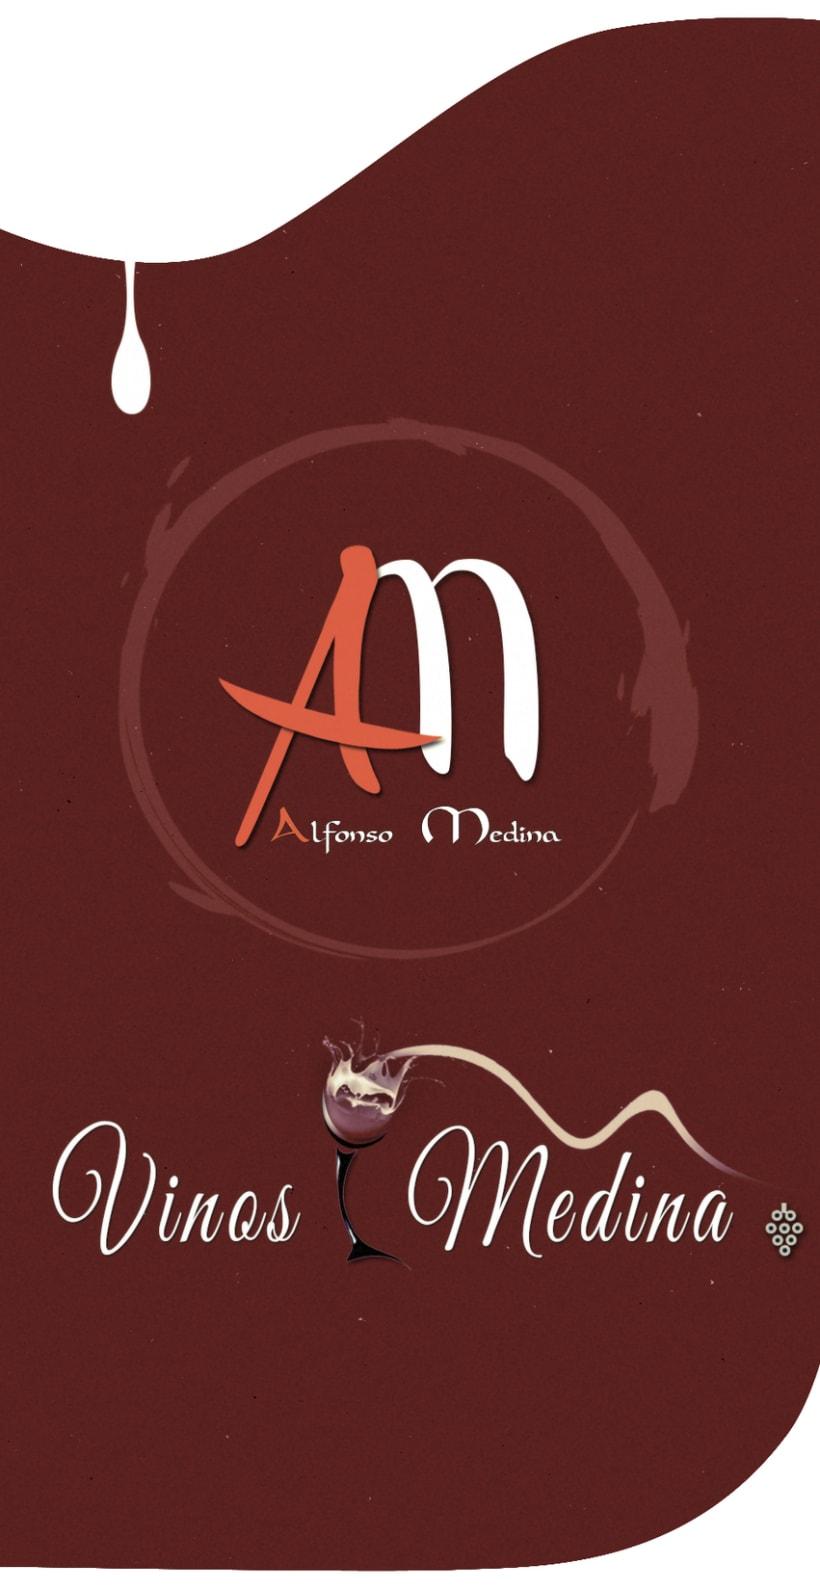 Vinos Medina - Logo Design -1